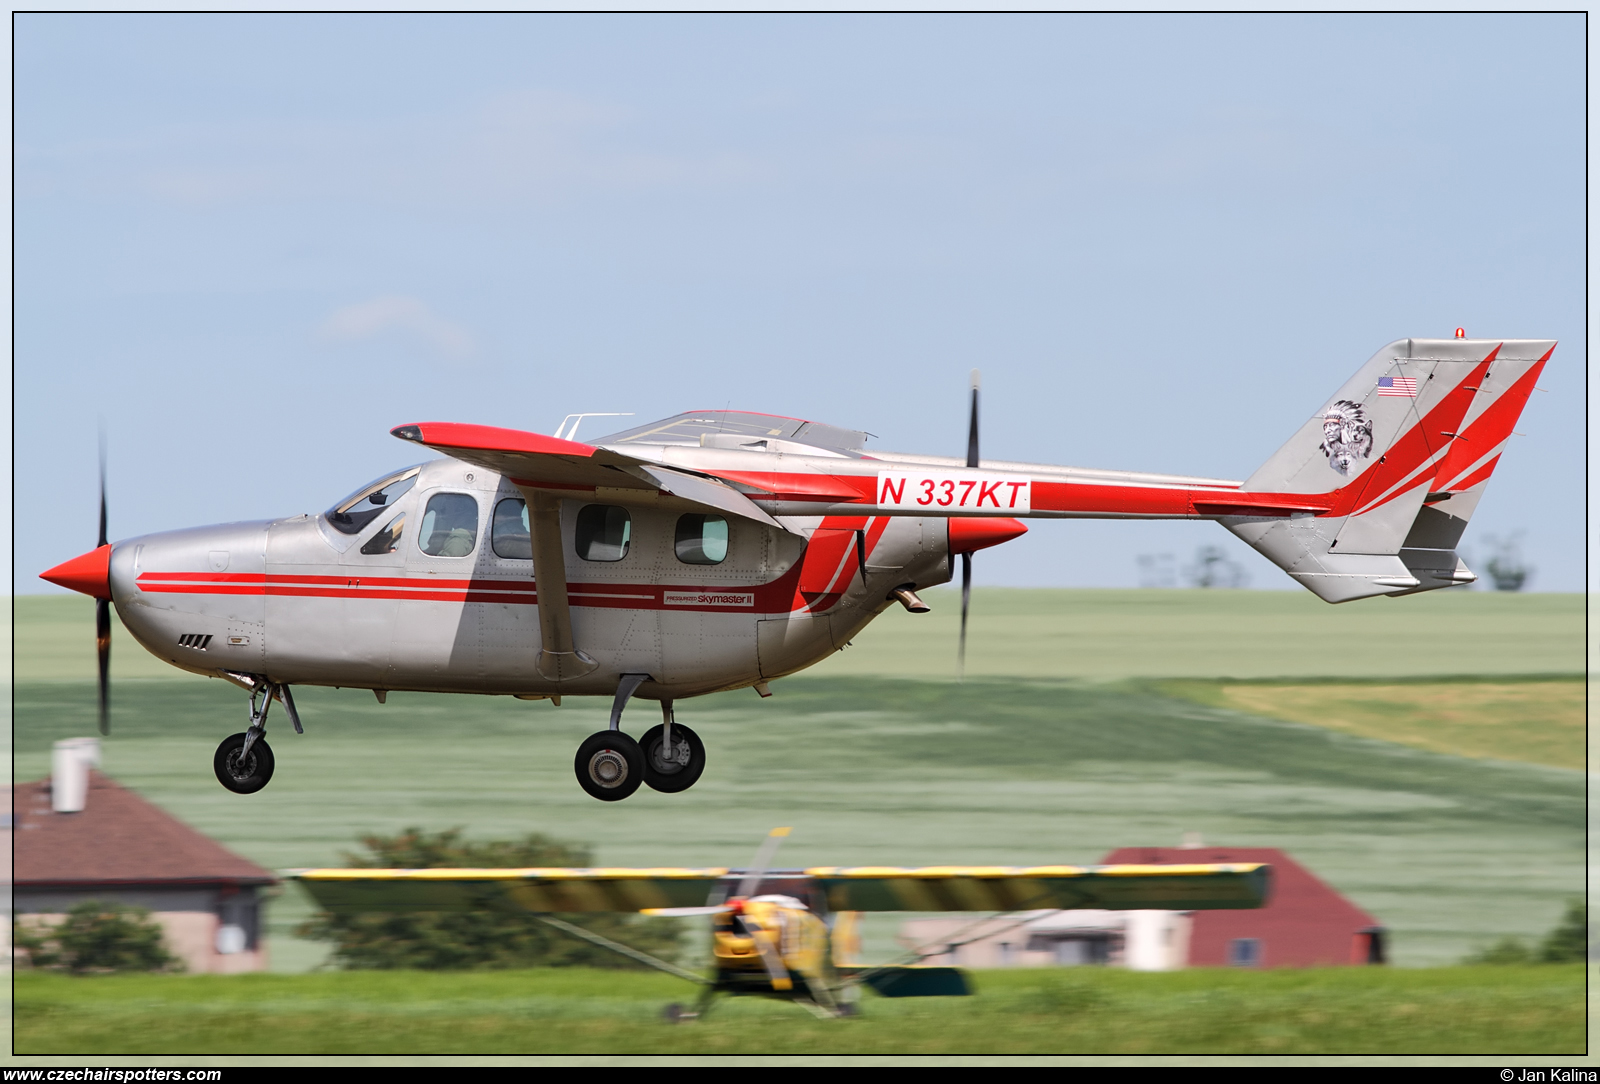 private - Cessna FT337GP Super Skymaster (Reims) N337KT